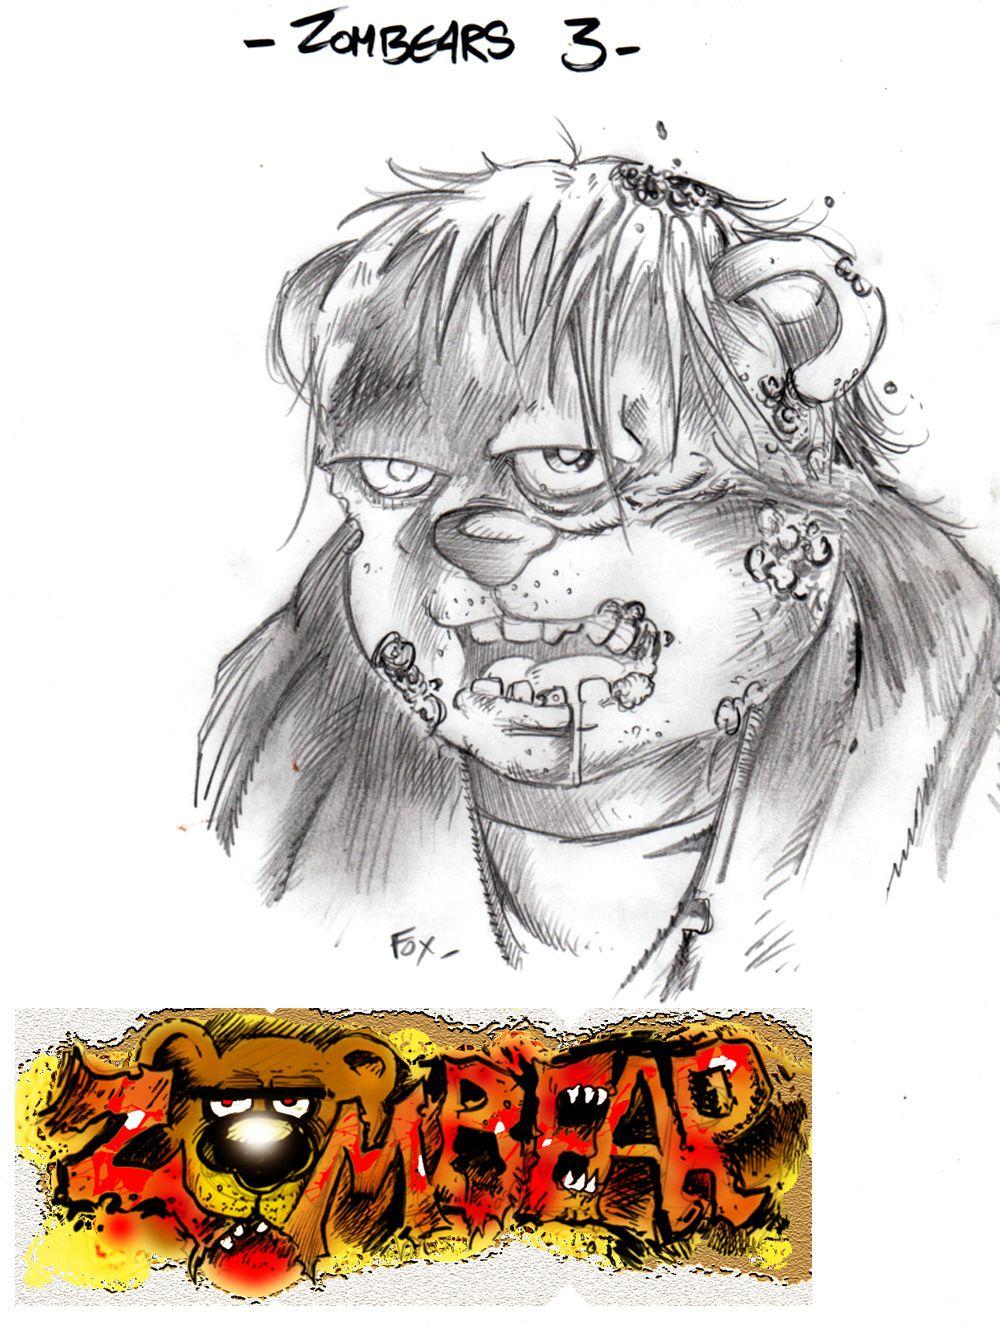 zombear 3